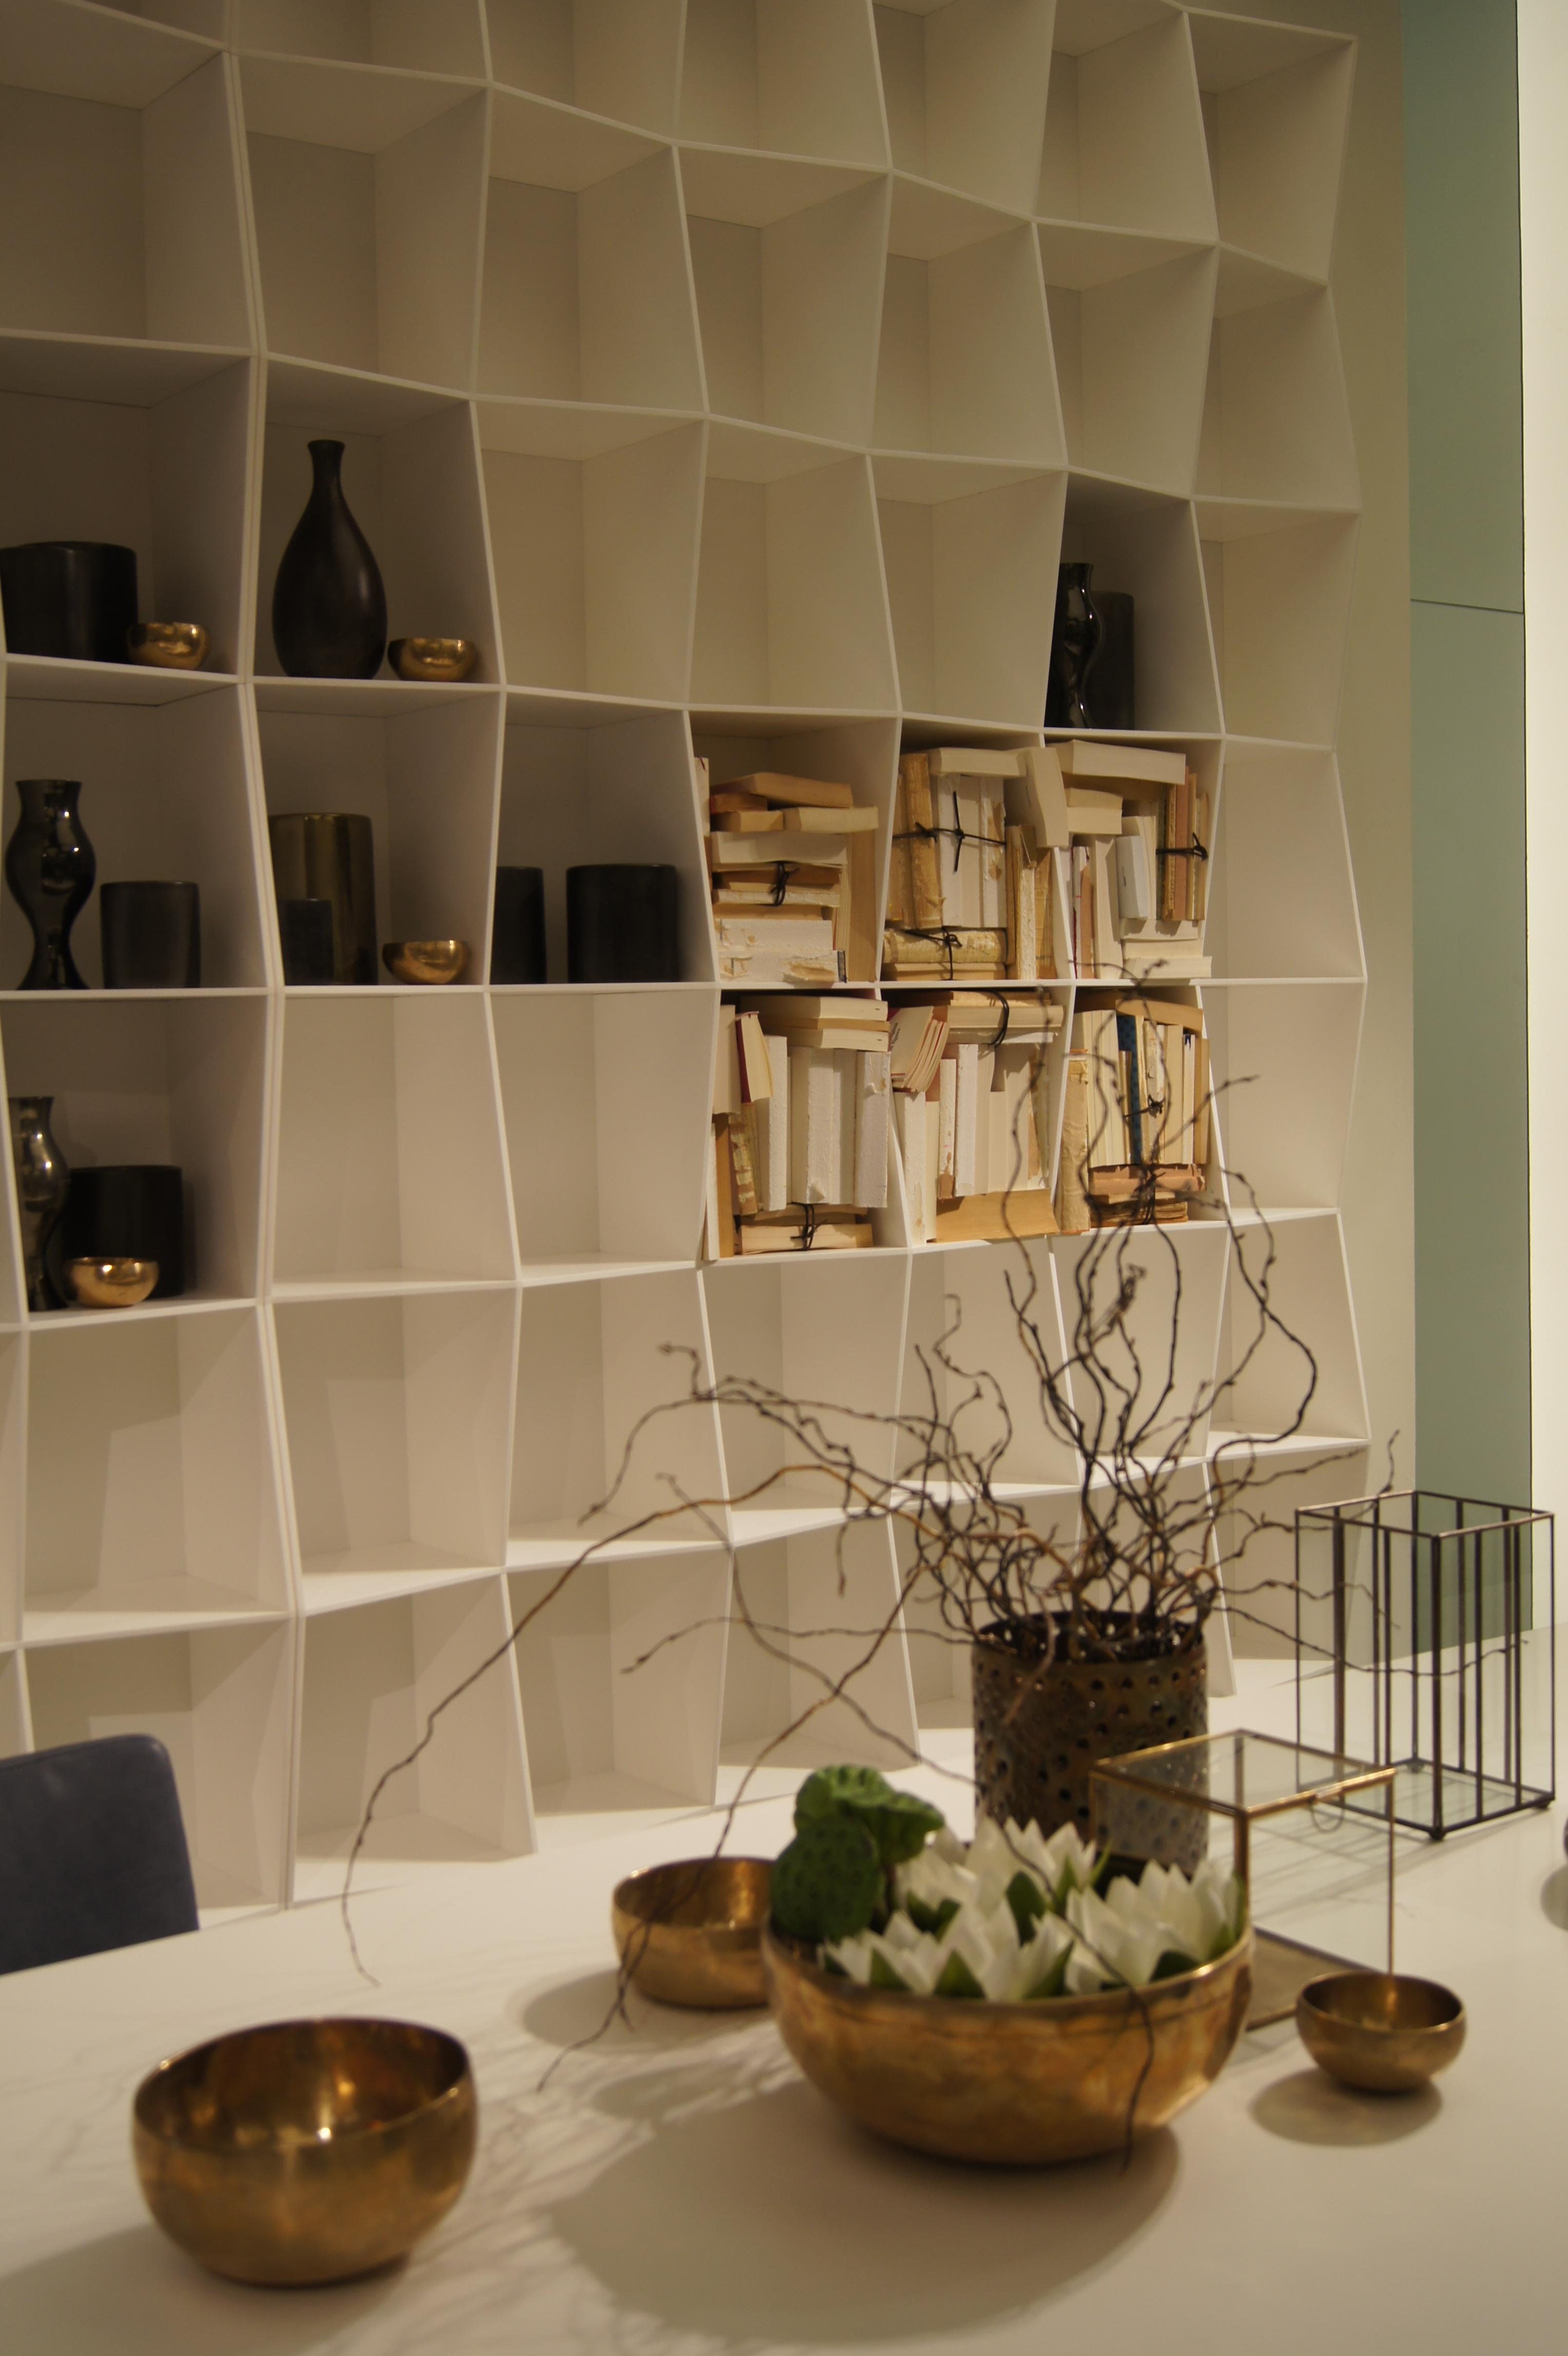 Kamer hoge kast by Alivar | Salone del Mobile 2014